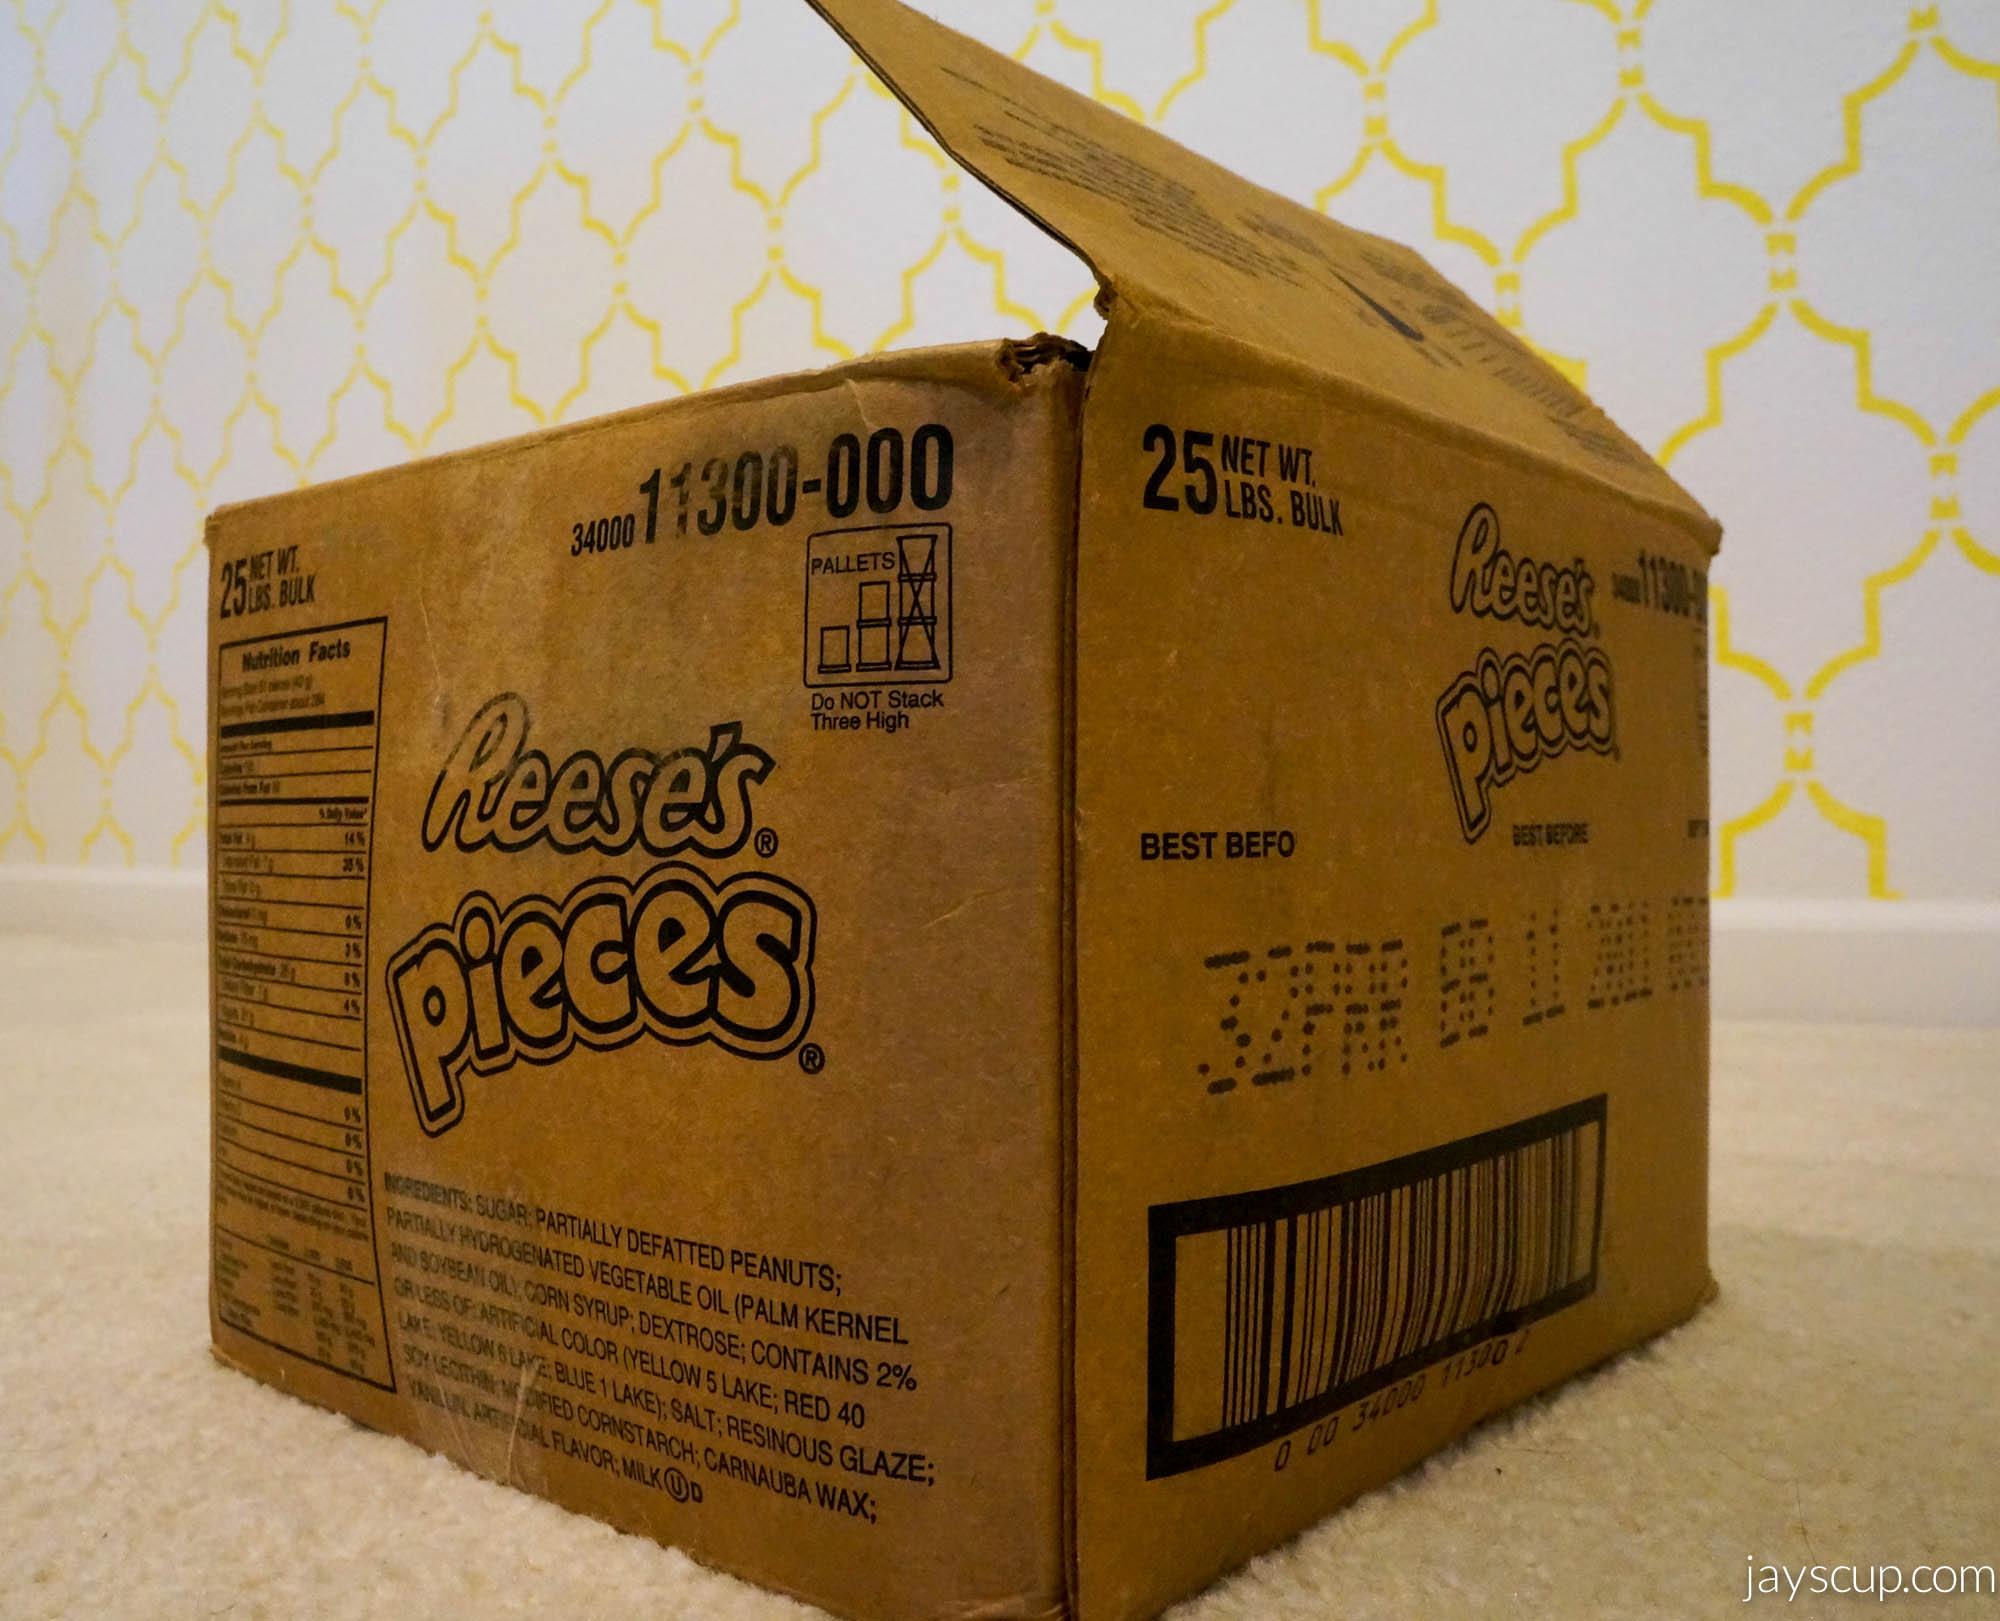 25lb box